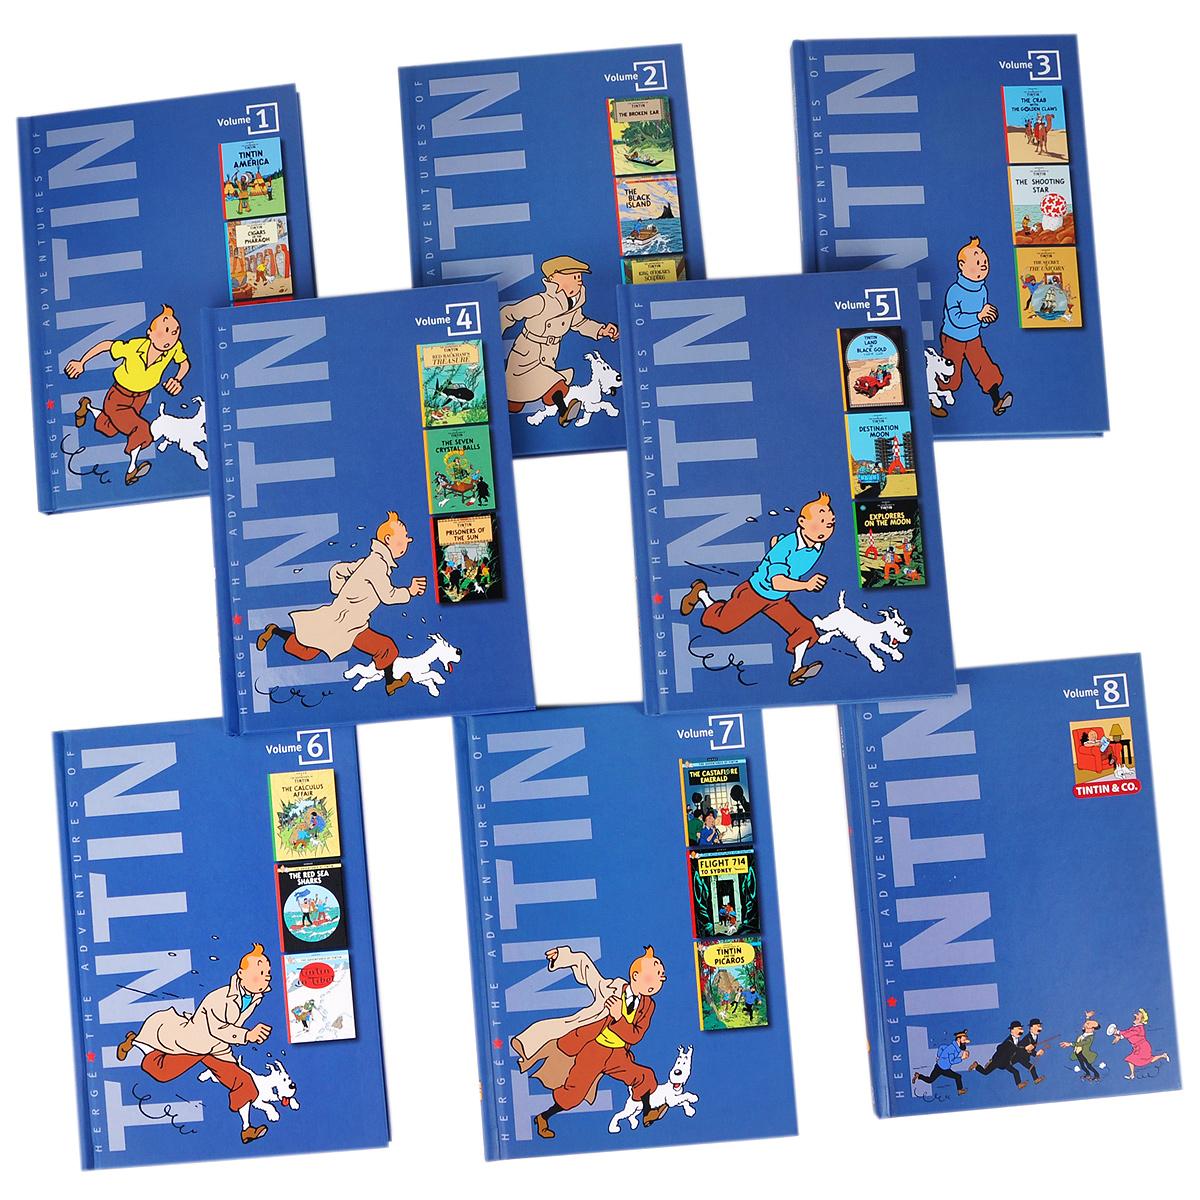 The Adventures of Tintin (комплект из 8 книг) ( 9780316006682, 978-0-316-00668-2, 0-316-00668-8 )